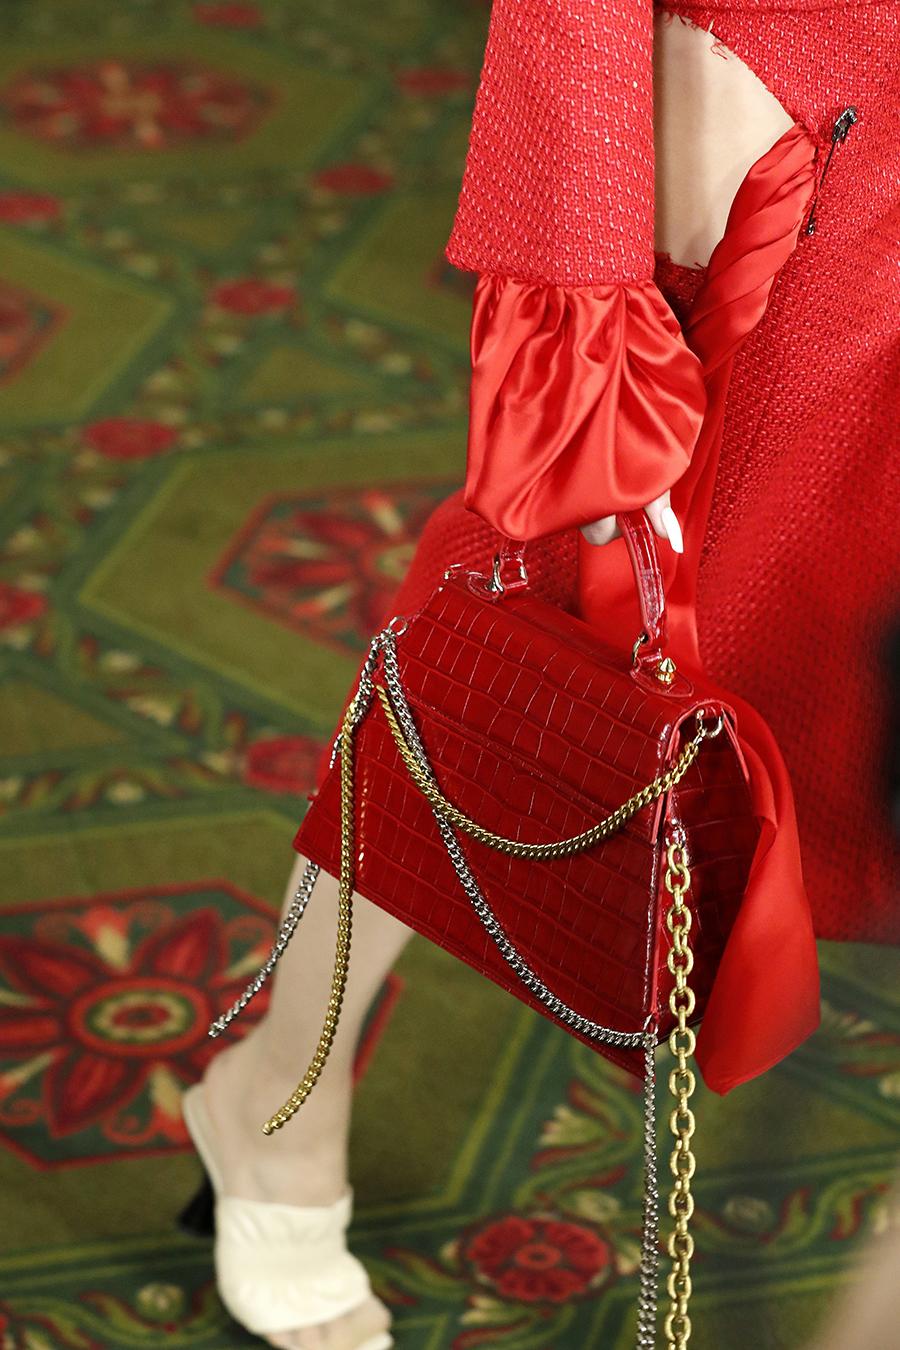 модная сумка на цепочке осень зима 2020 2021 красная кожаная крокодил